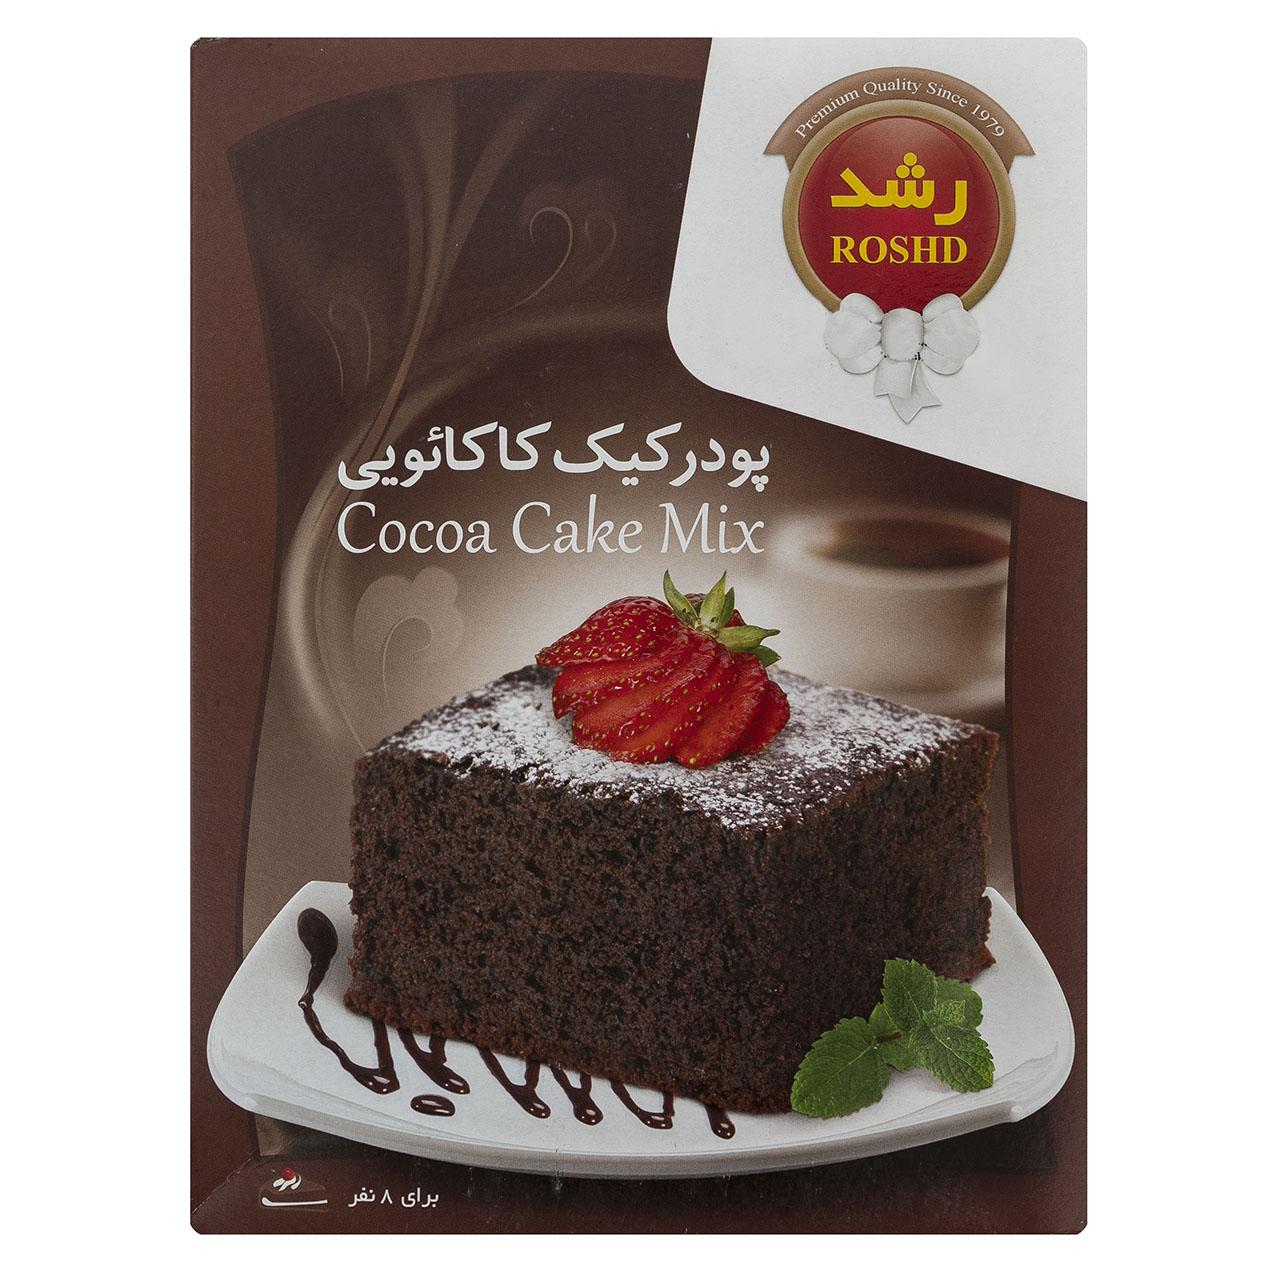 پودر کیک کاکائویی رشد مقدار 500 گرم